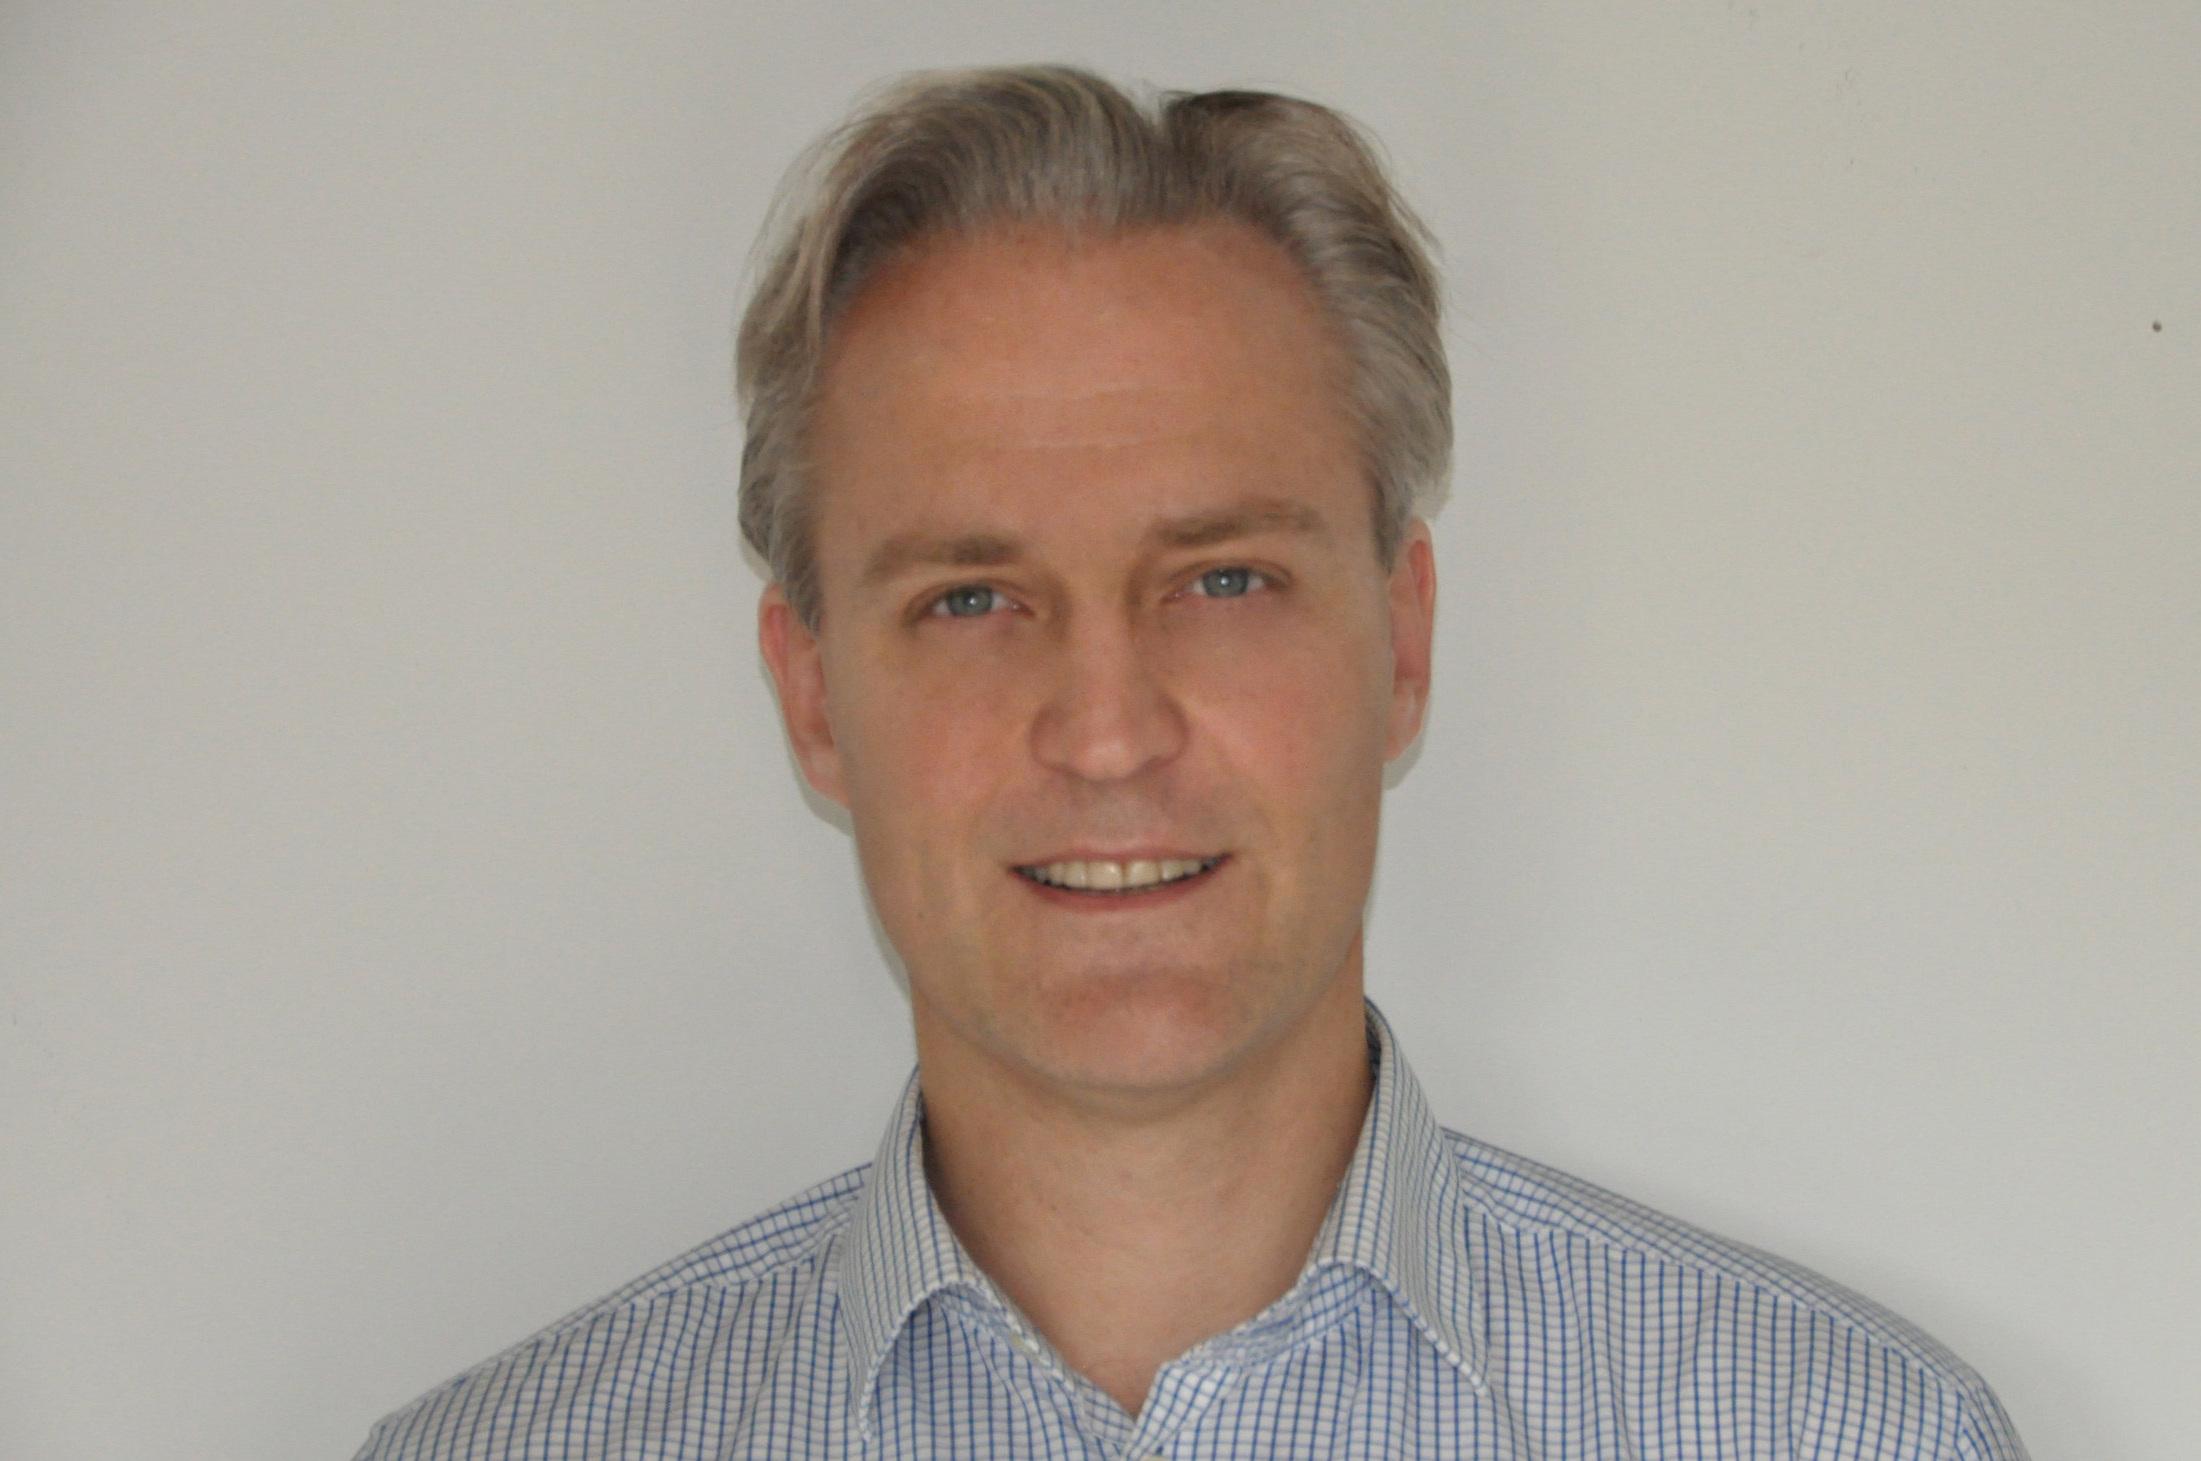 Magnus von Wedel